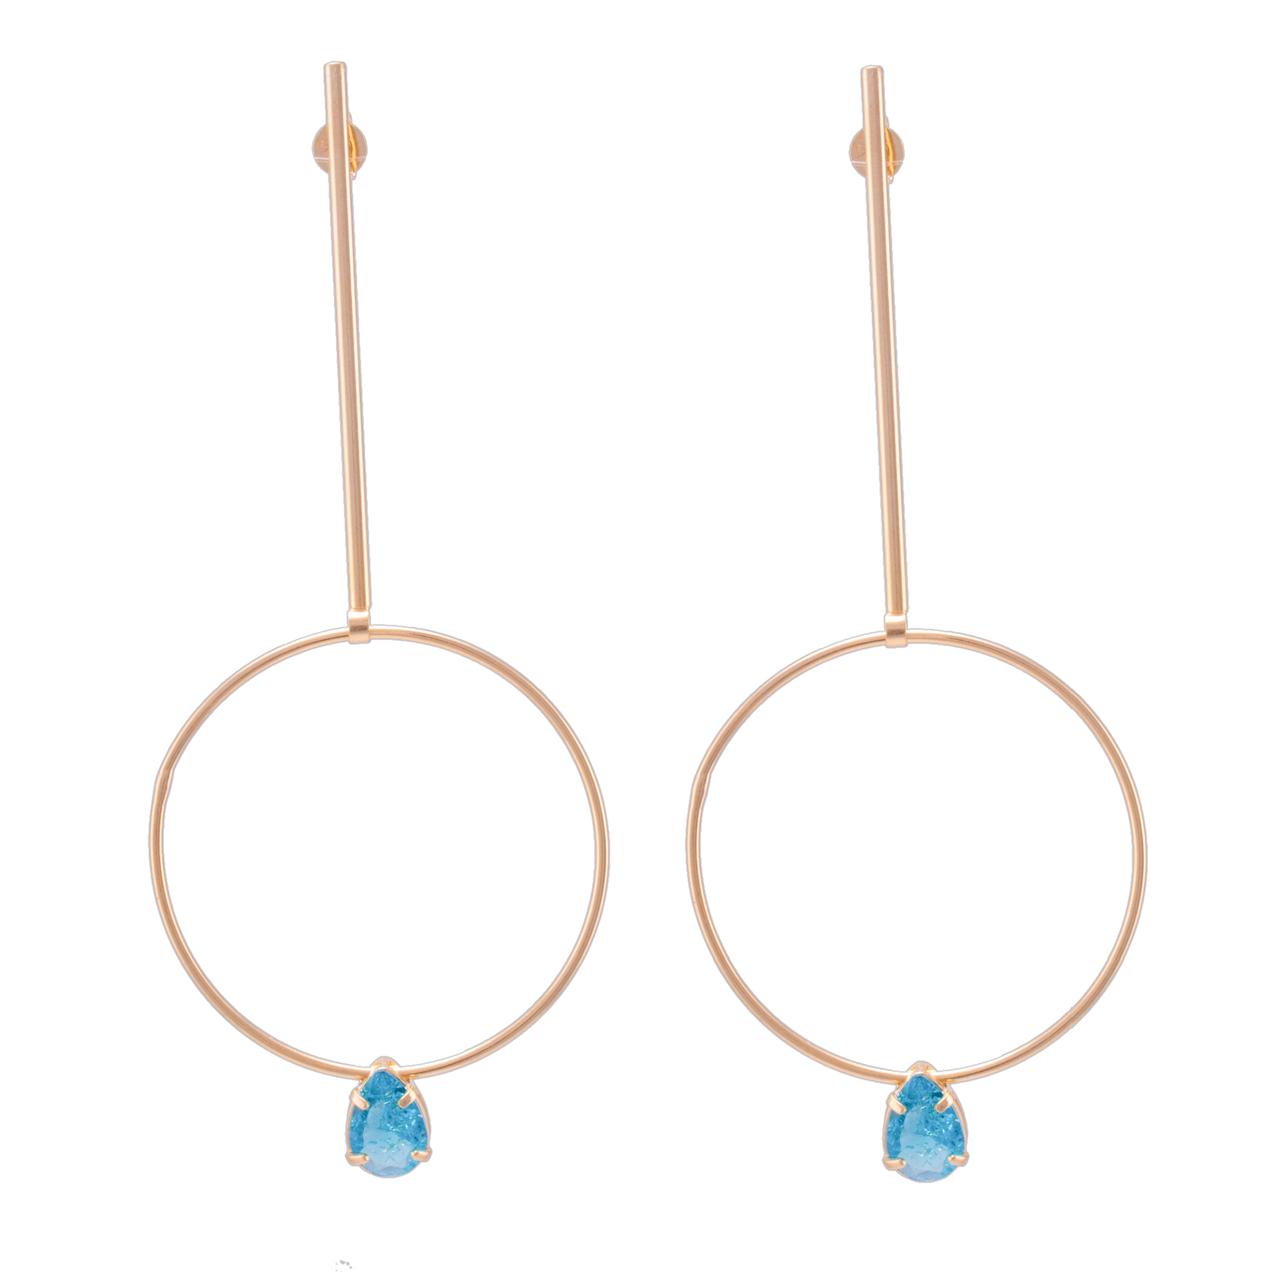 Brinco Pino com Círculo e Gota Pedra Cristal Azul Folheado em Ouro 18k